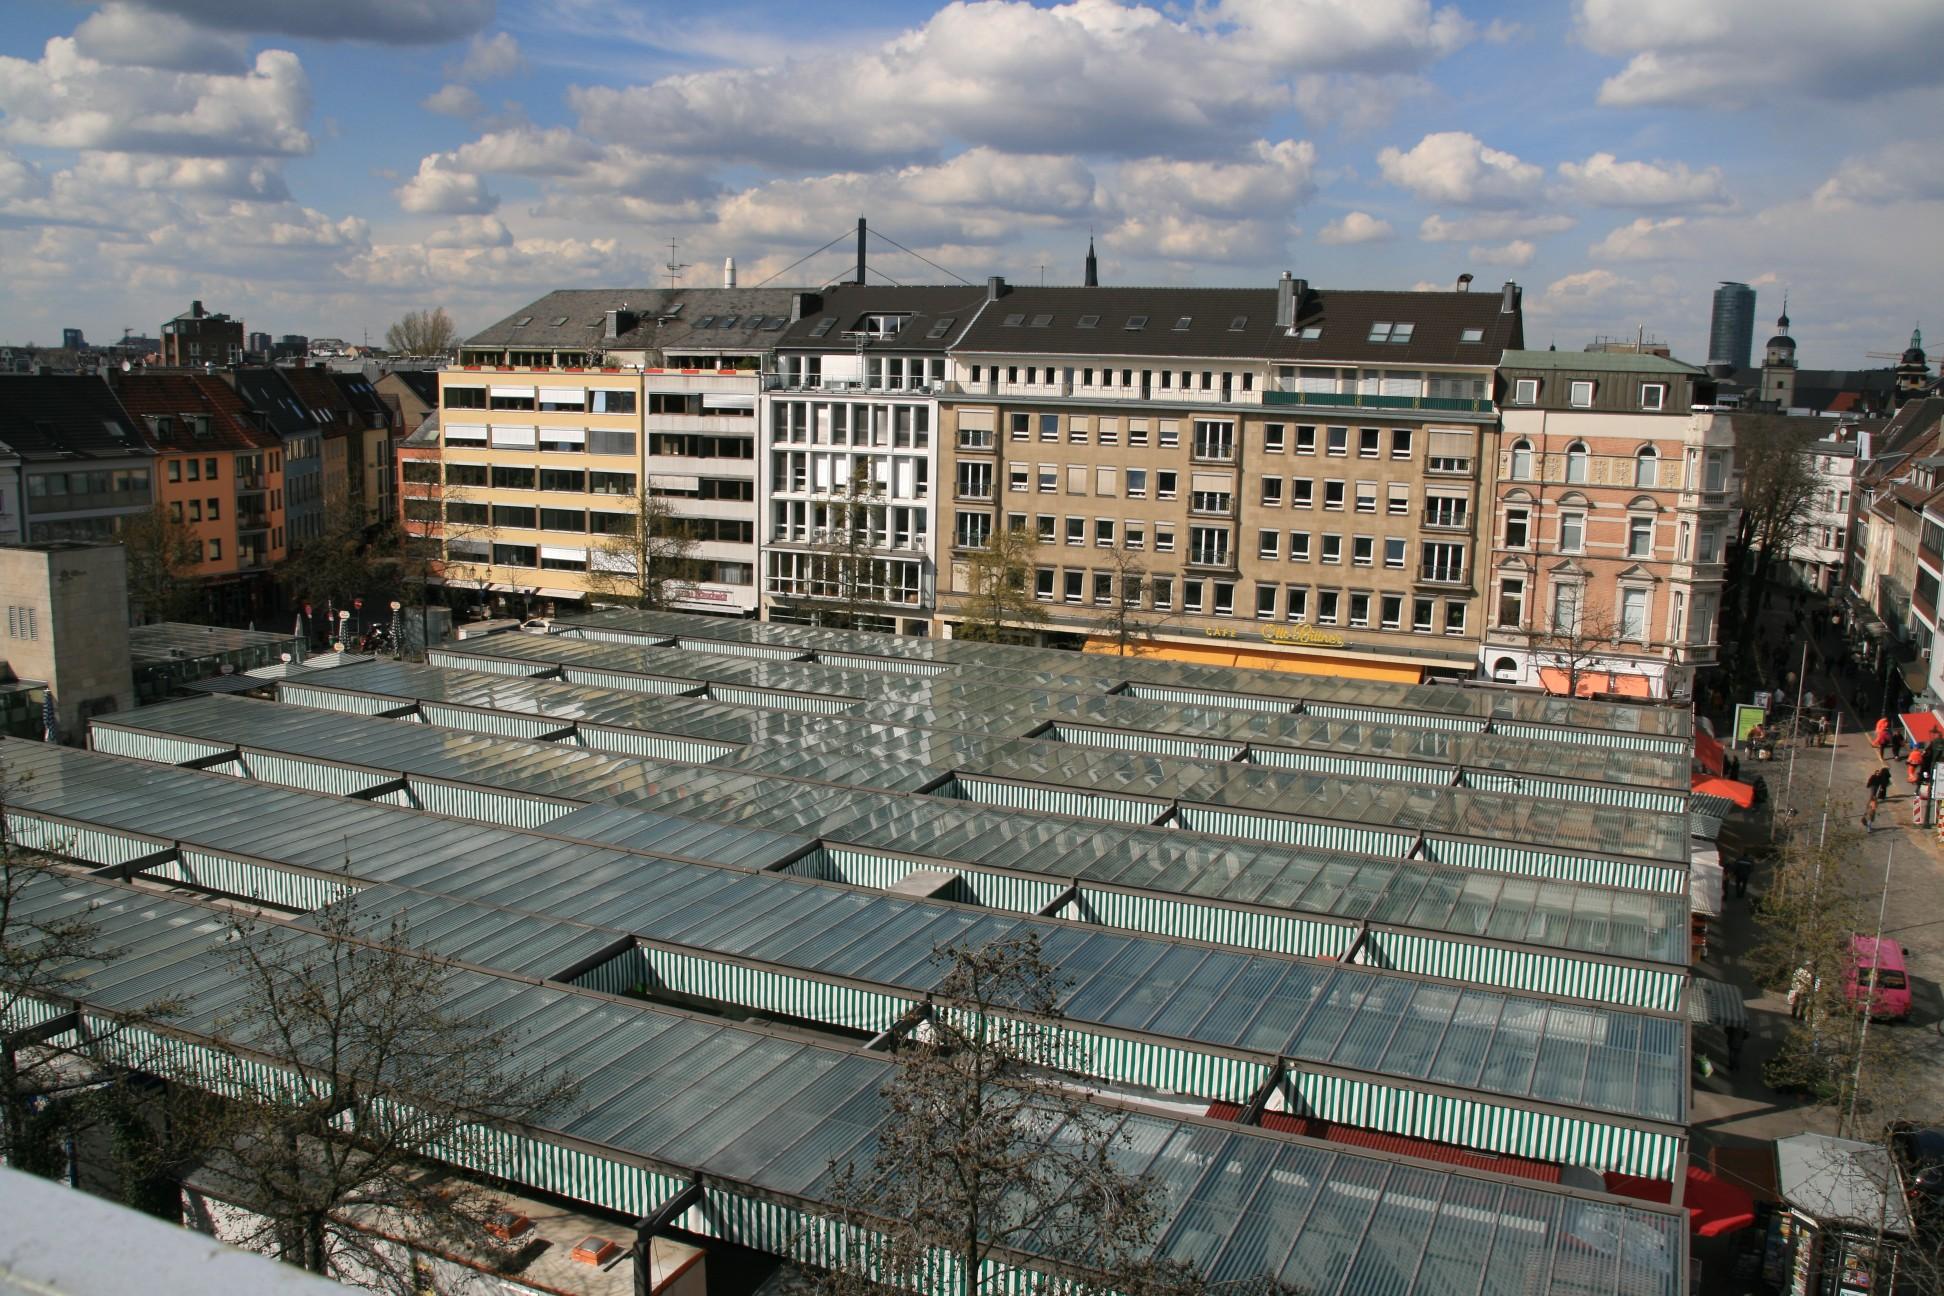 Küchenstudio Düsseldorf Carlsplatz ~ datei carlsplatz duesseldorf jpg u2013 wikipedia